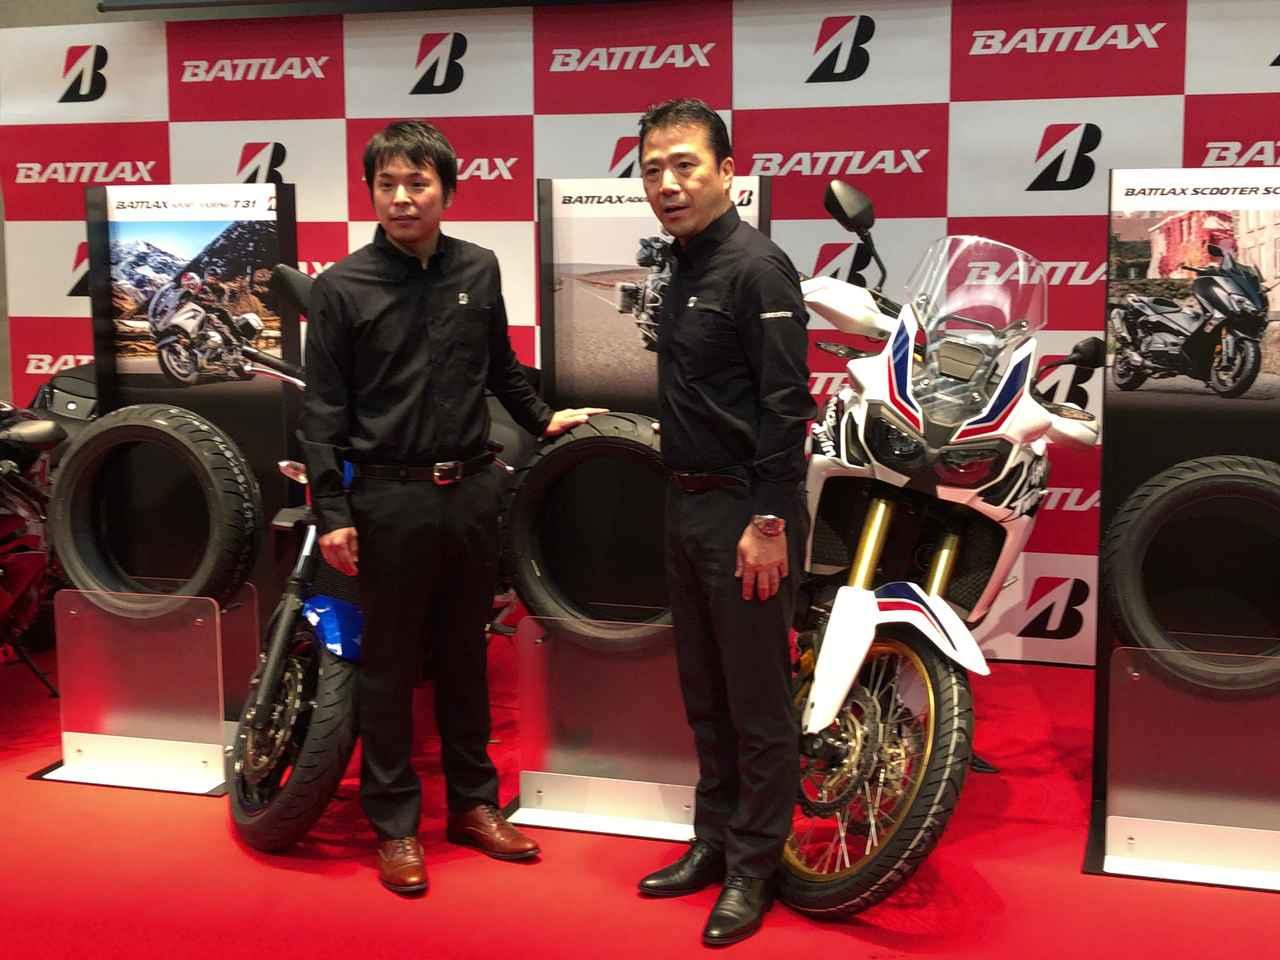 画像: 新製品発表会には、MCタイヤ事業部の内田達也 氏(右)と、MCタイヤ開発部の高橋淳一 氏(左)が出席し、商品説明と、今後の事業説明などが行われた。